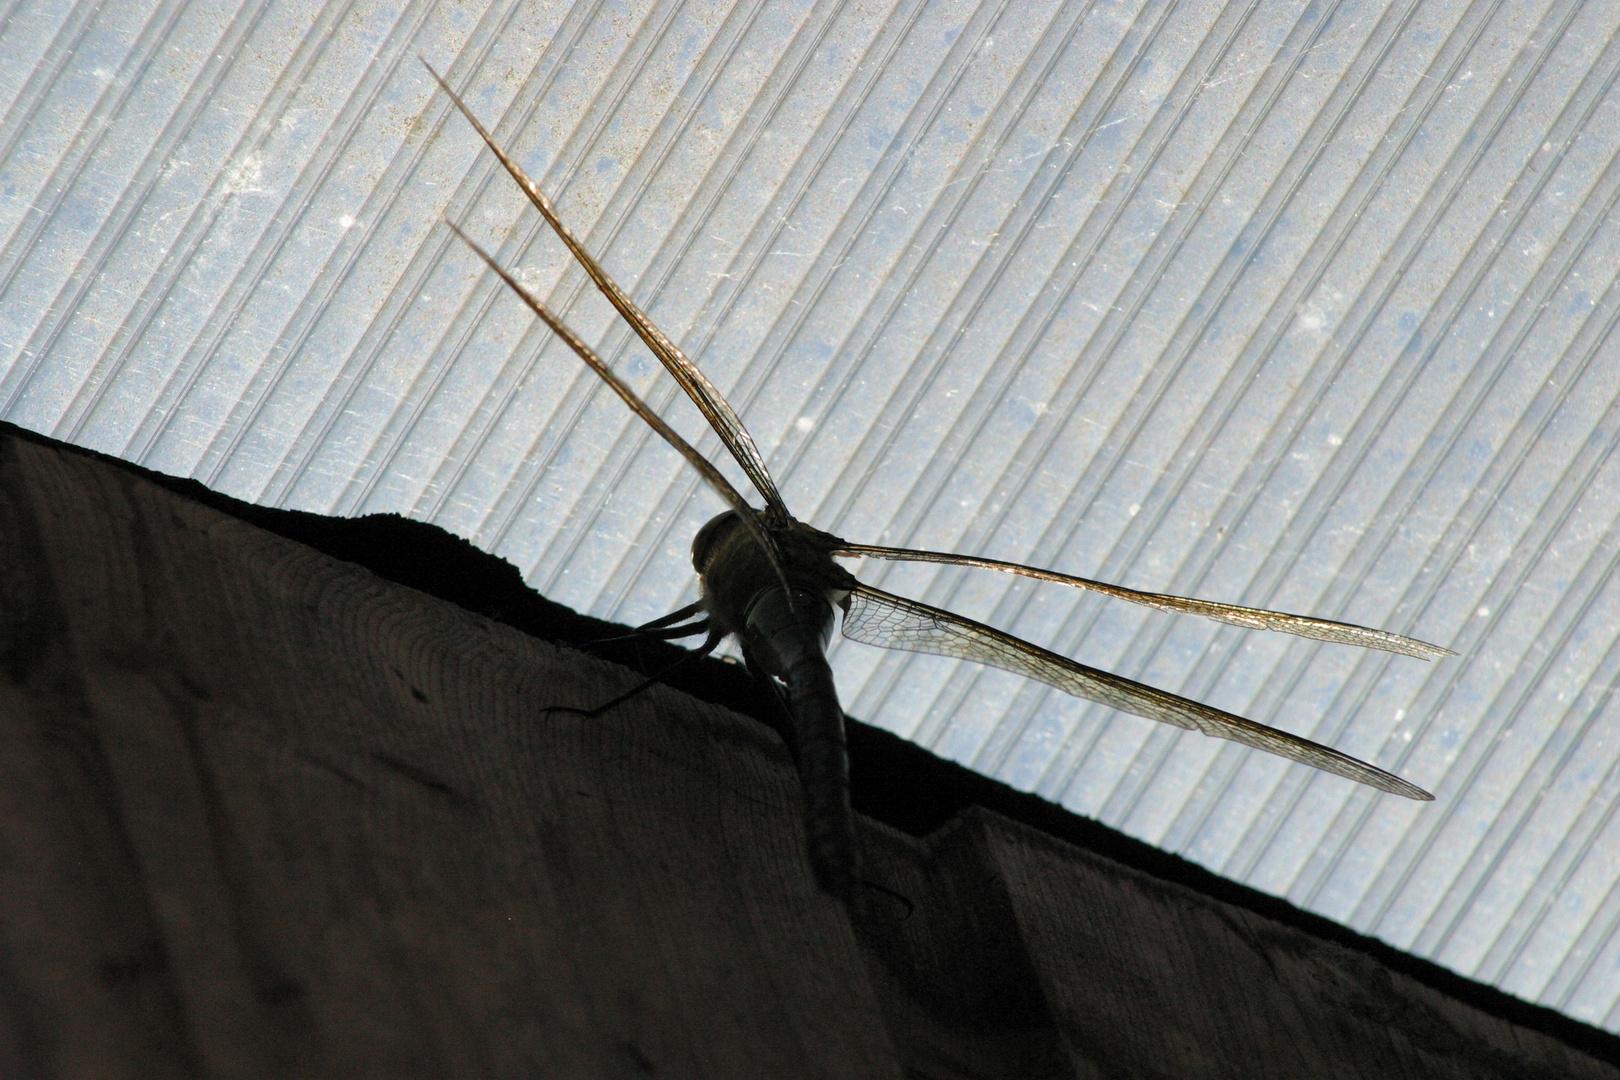 Faszinierende Spannweite einer Libelle